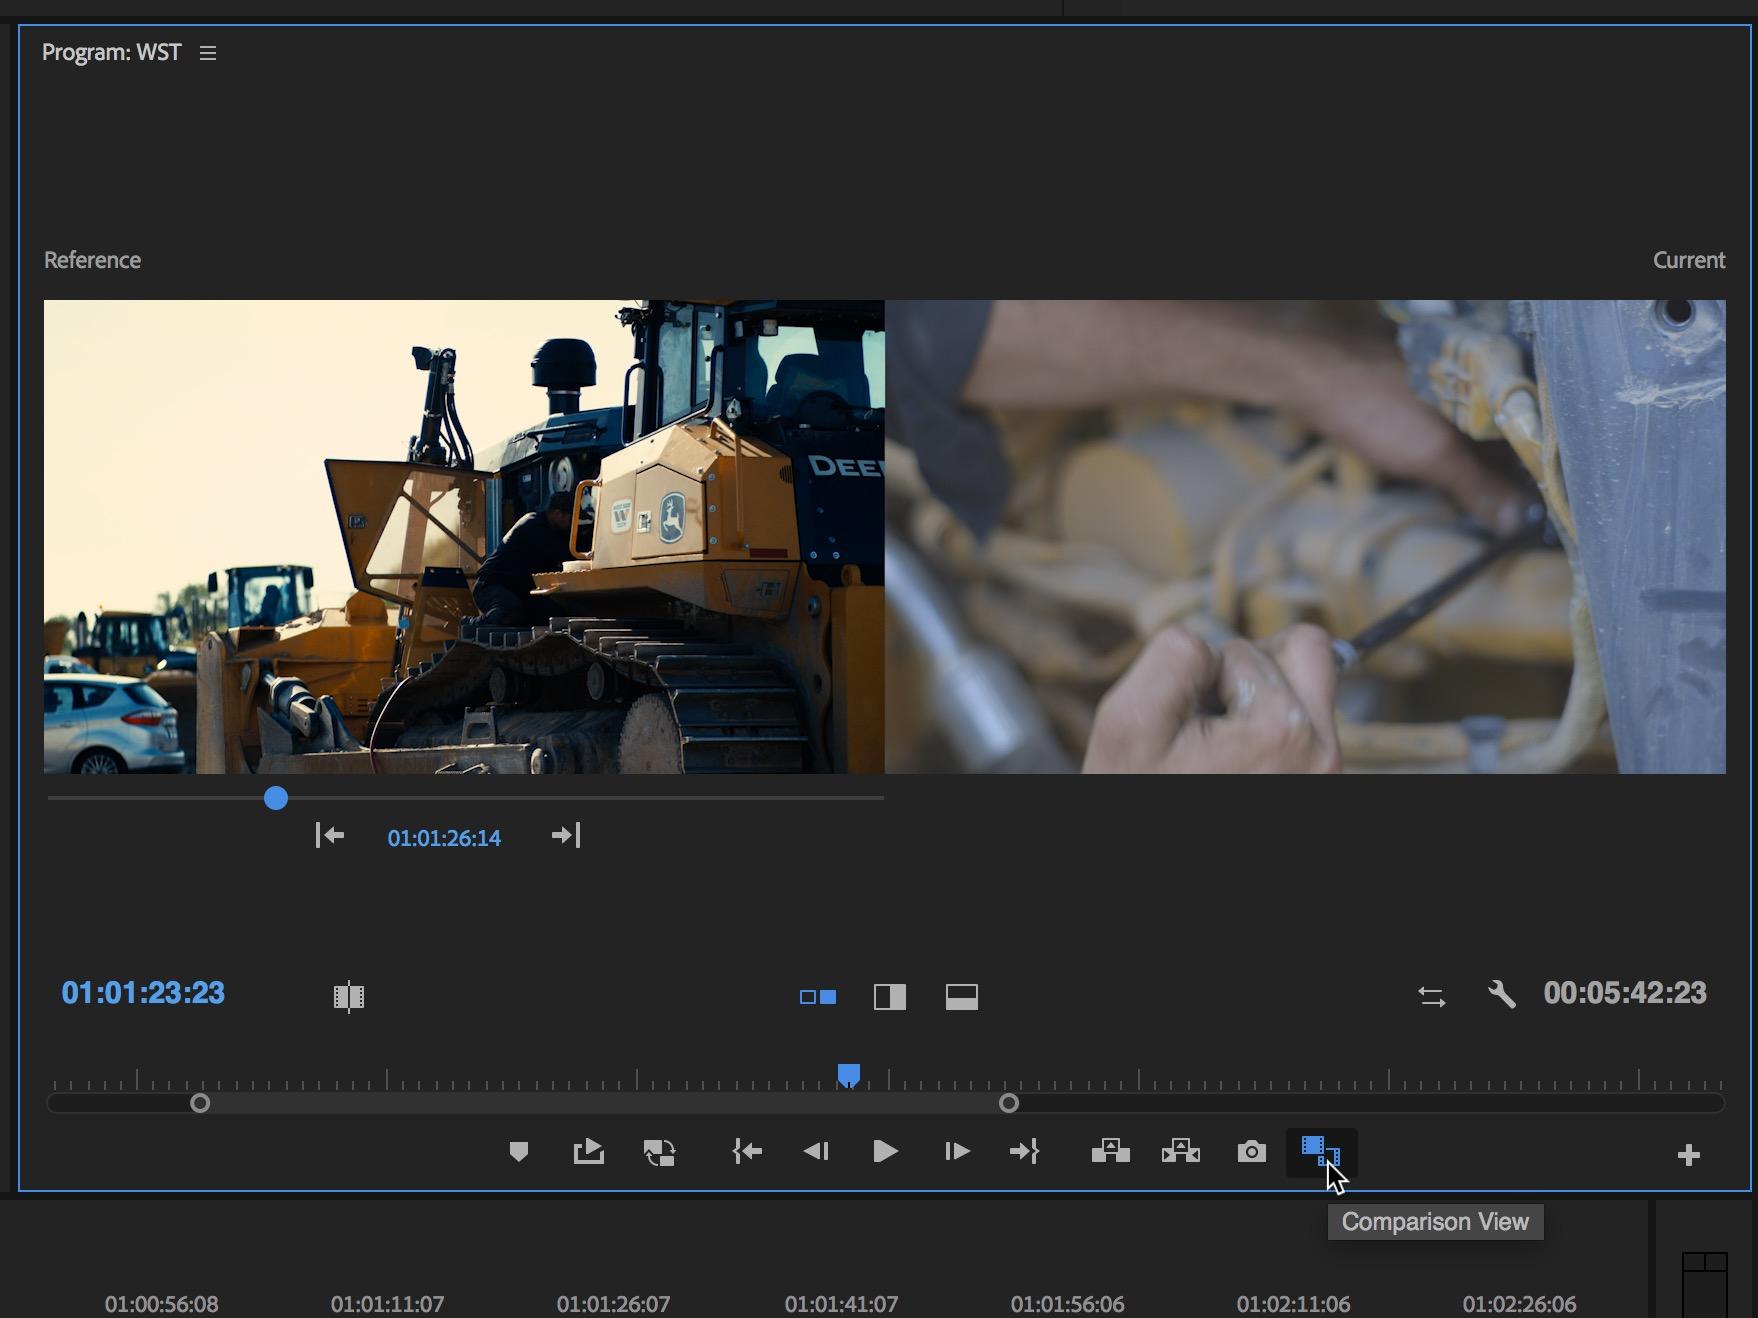 Adobe Premiere Pro comparison view